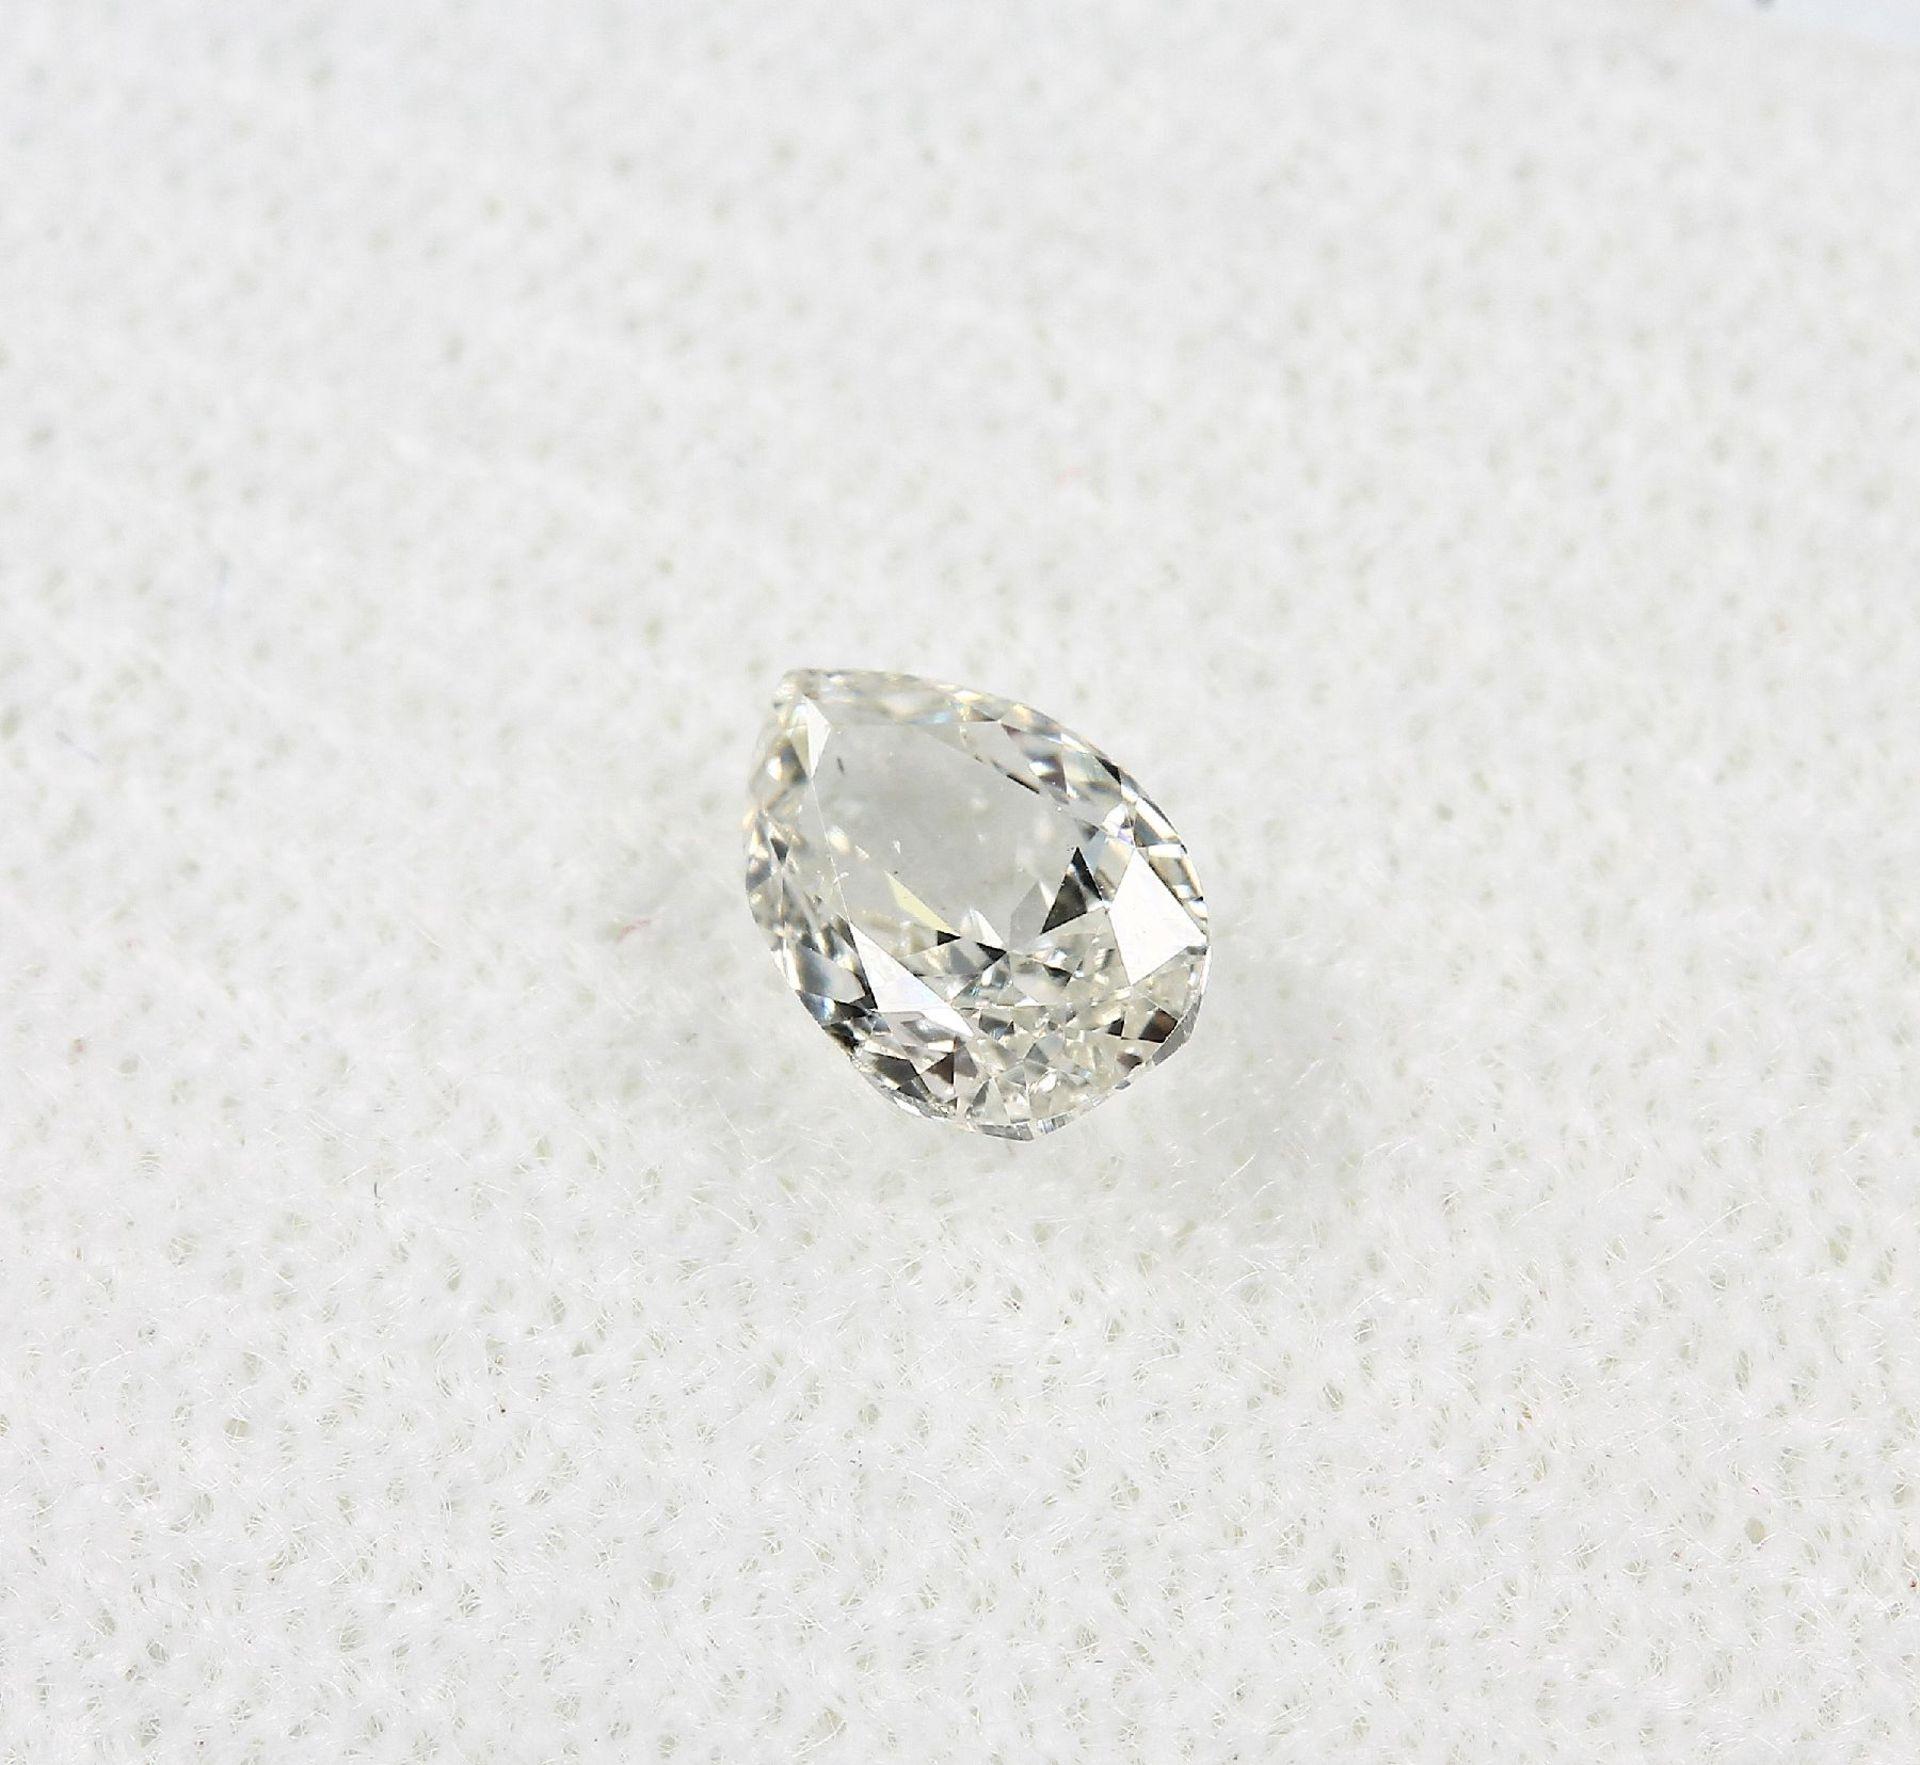 Loser Diamant, 0.51 ct l.get.Weiß+(I)/vvs2,tropfenf. facett., mit HRD-Expertise Schätzpreis: 1485, - - Bild 3 aus 5